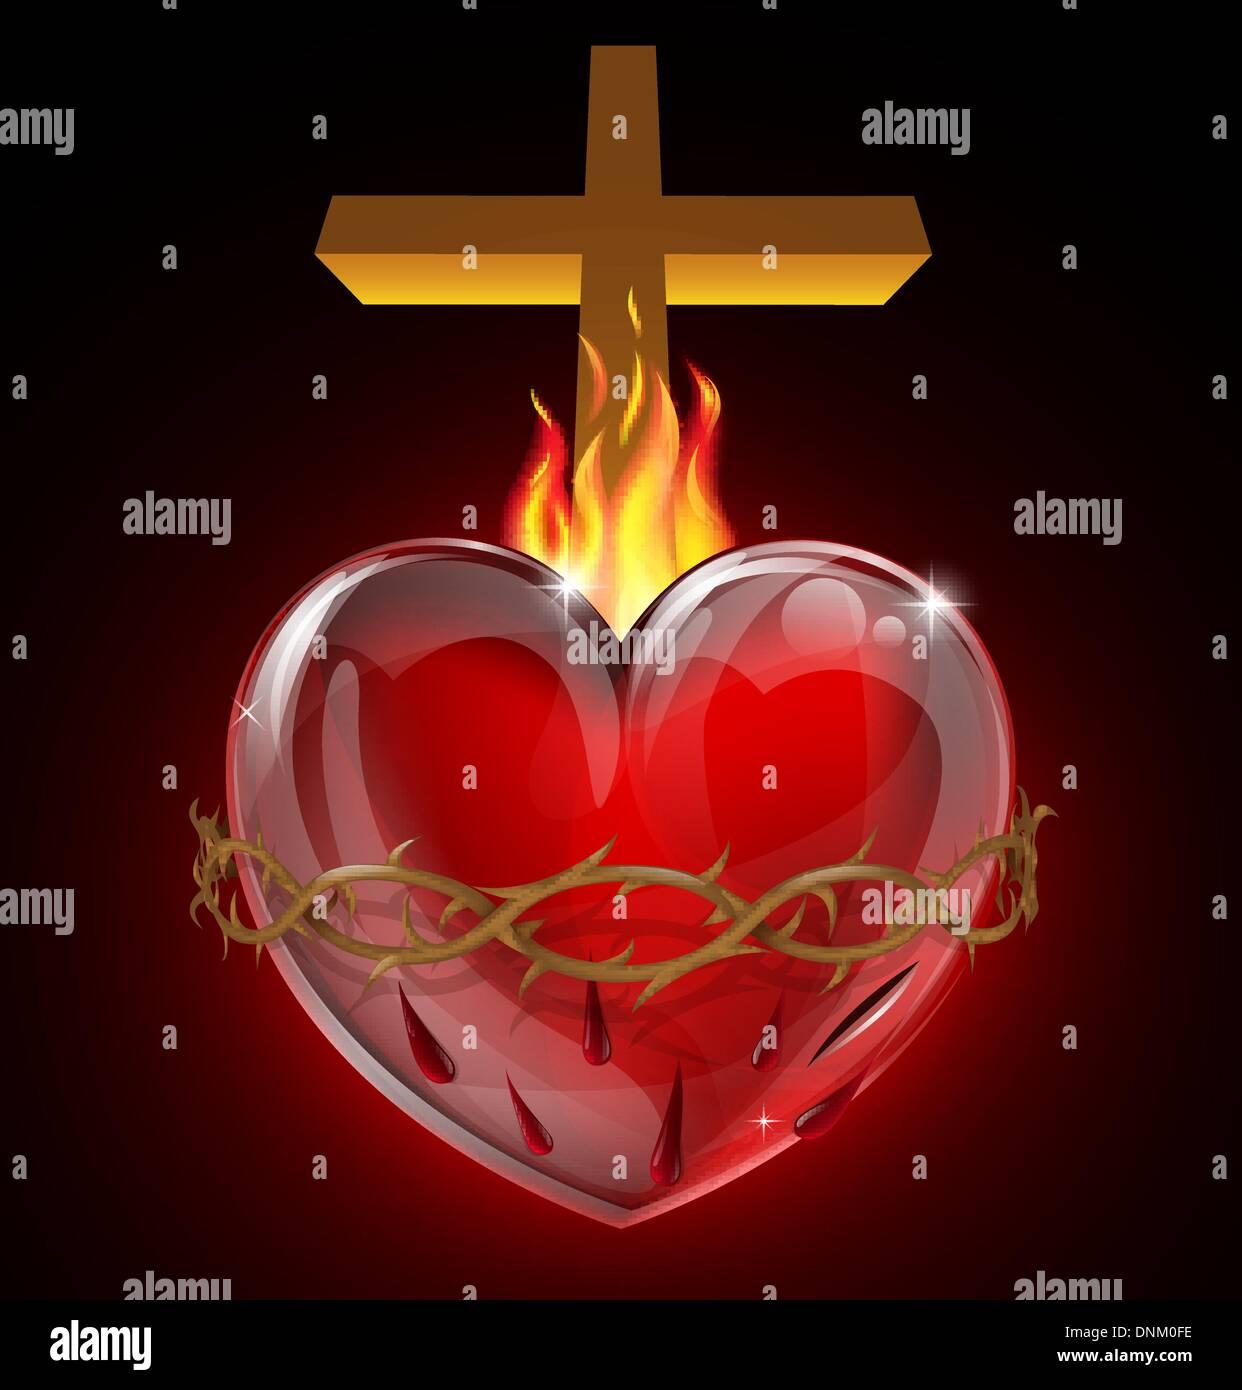 Ilustración Del Sagrado Corazón De Jesús Un Corazón Sangrando Con